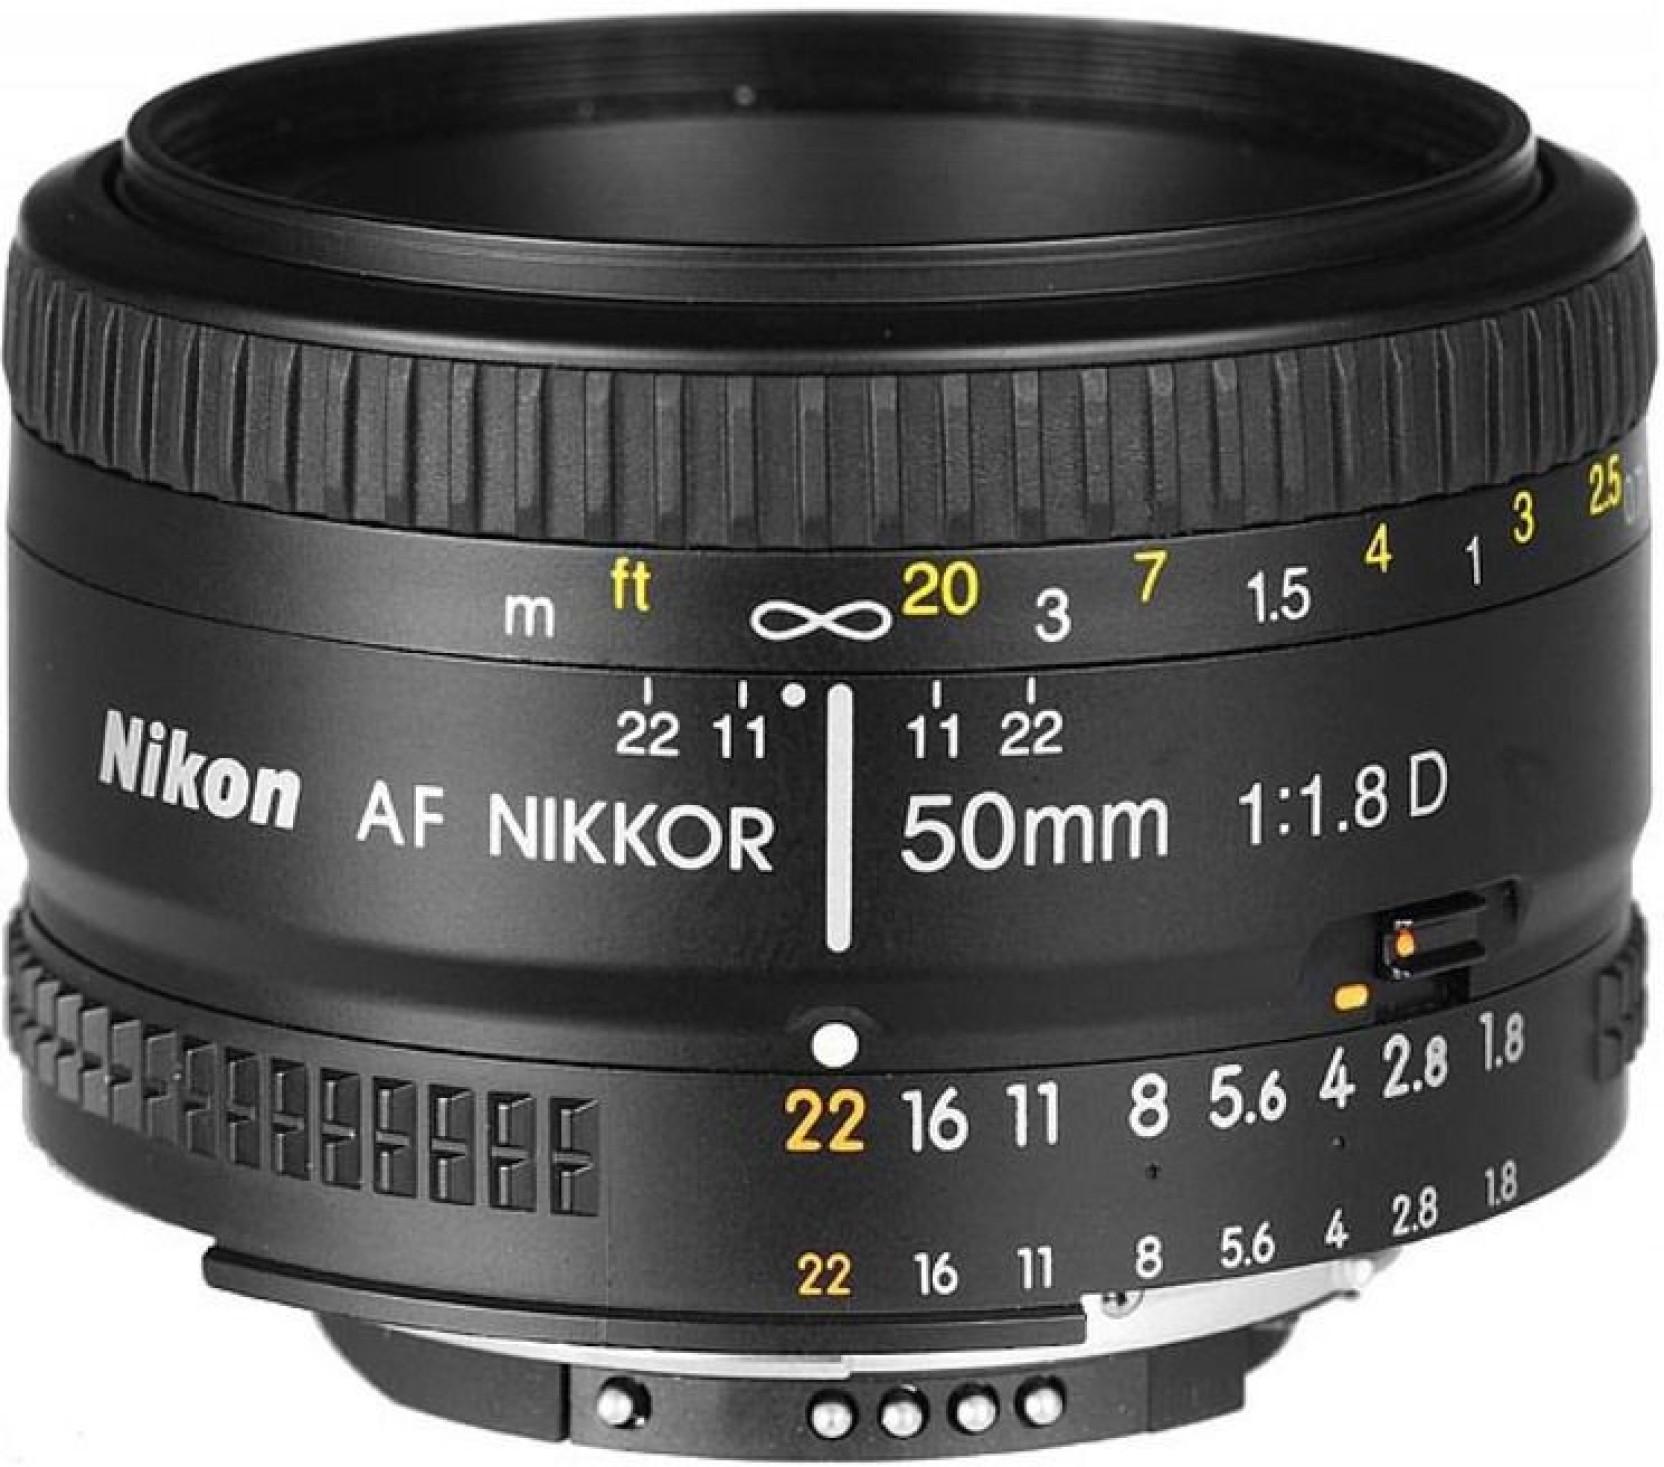 Nikon Af Nikkor 50 Mm F 18d Lens Yongnuo 50mm F18 For Mount Add To Cart